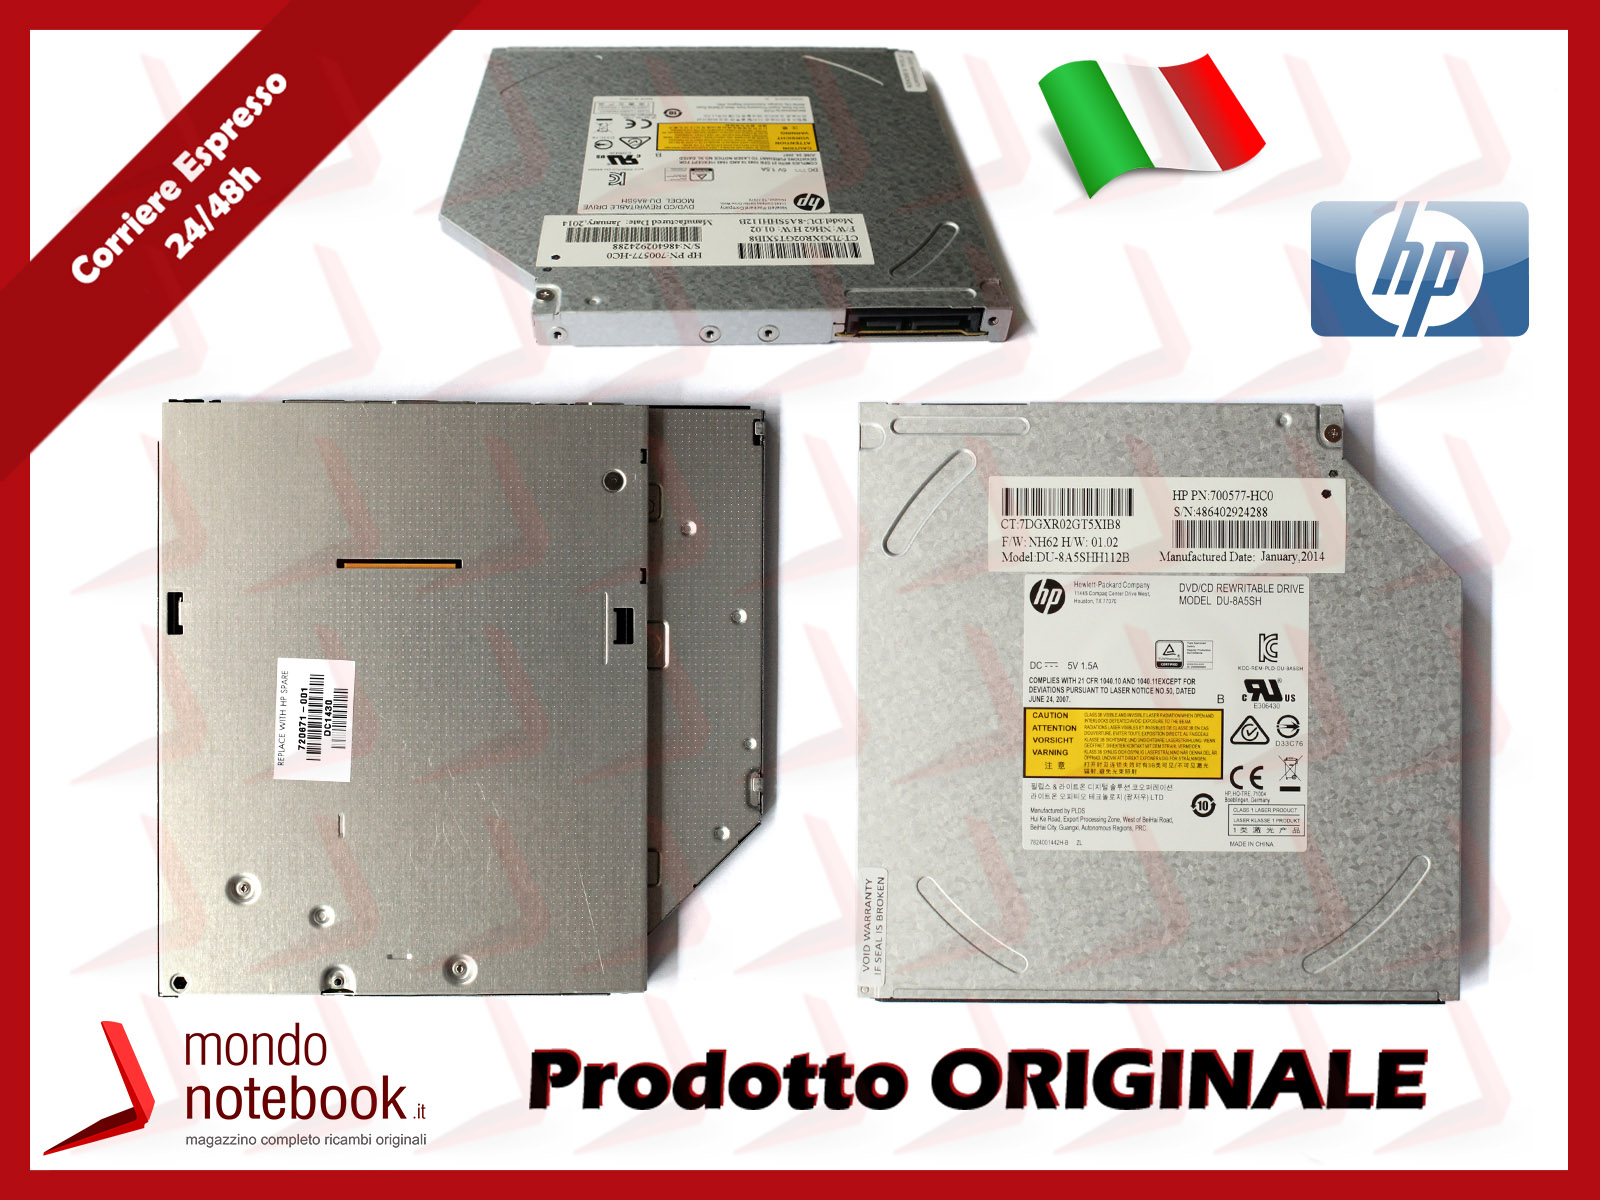 https://www.mondonotebook.it/76/masterizzatore-unit-ottica-dvd-r-rw-per-notebook-95mm-sata-hp-15-f-15-n.jpg